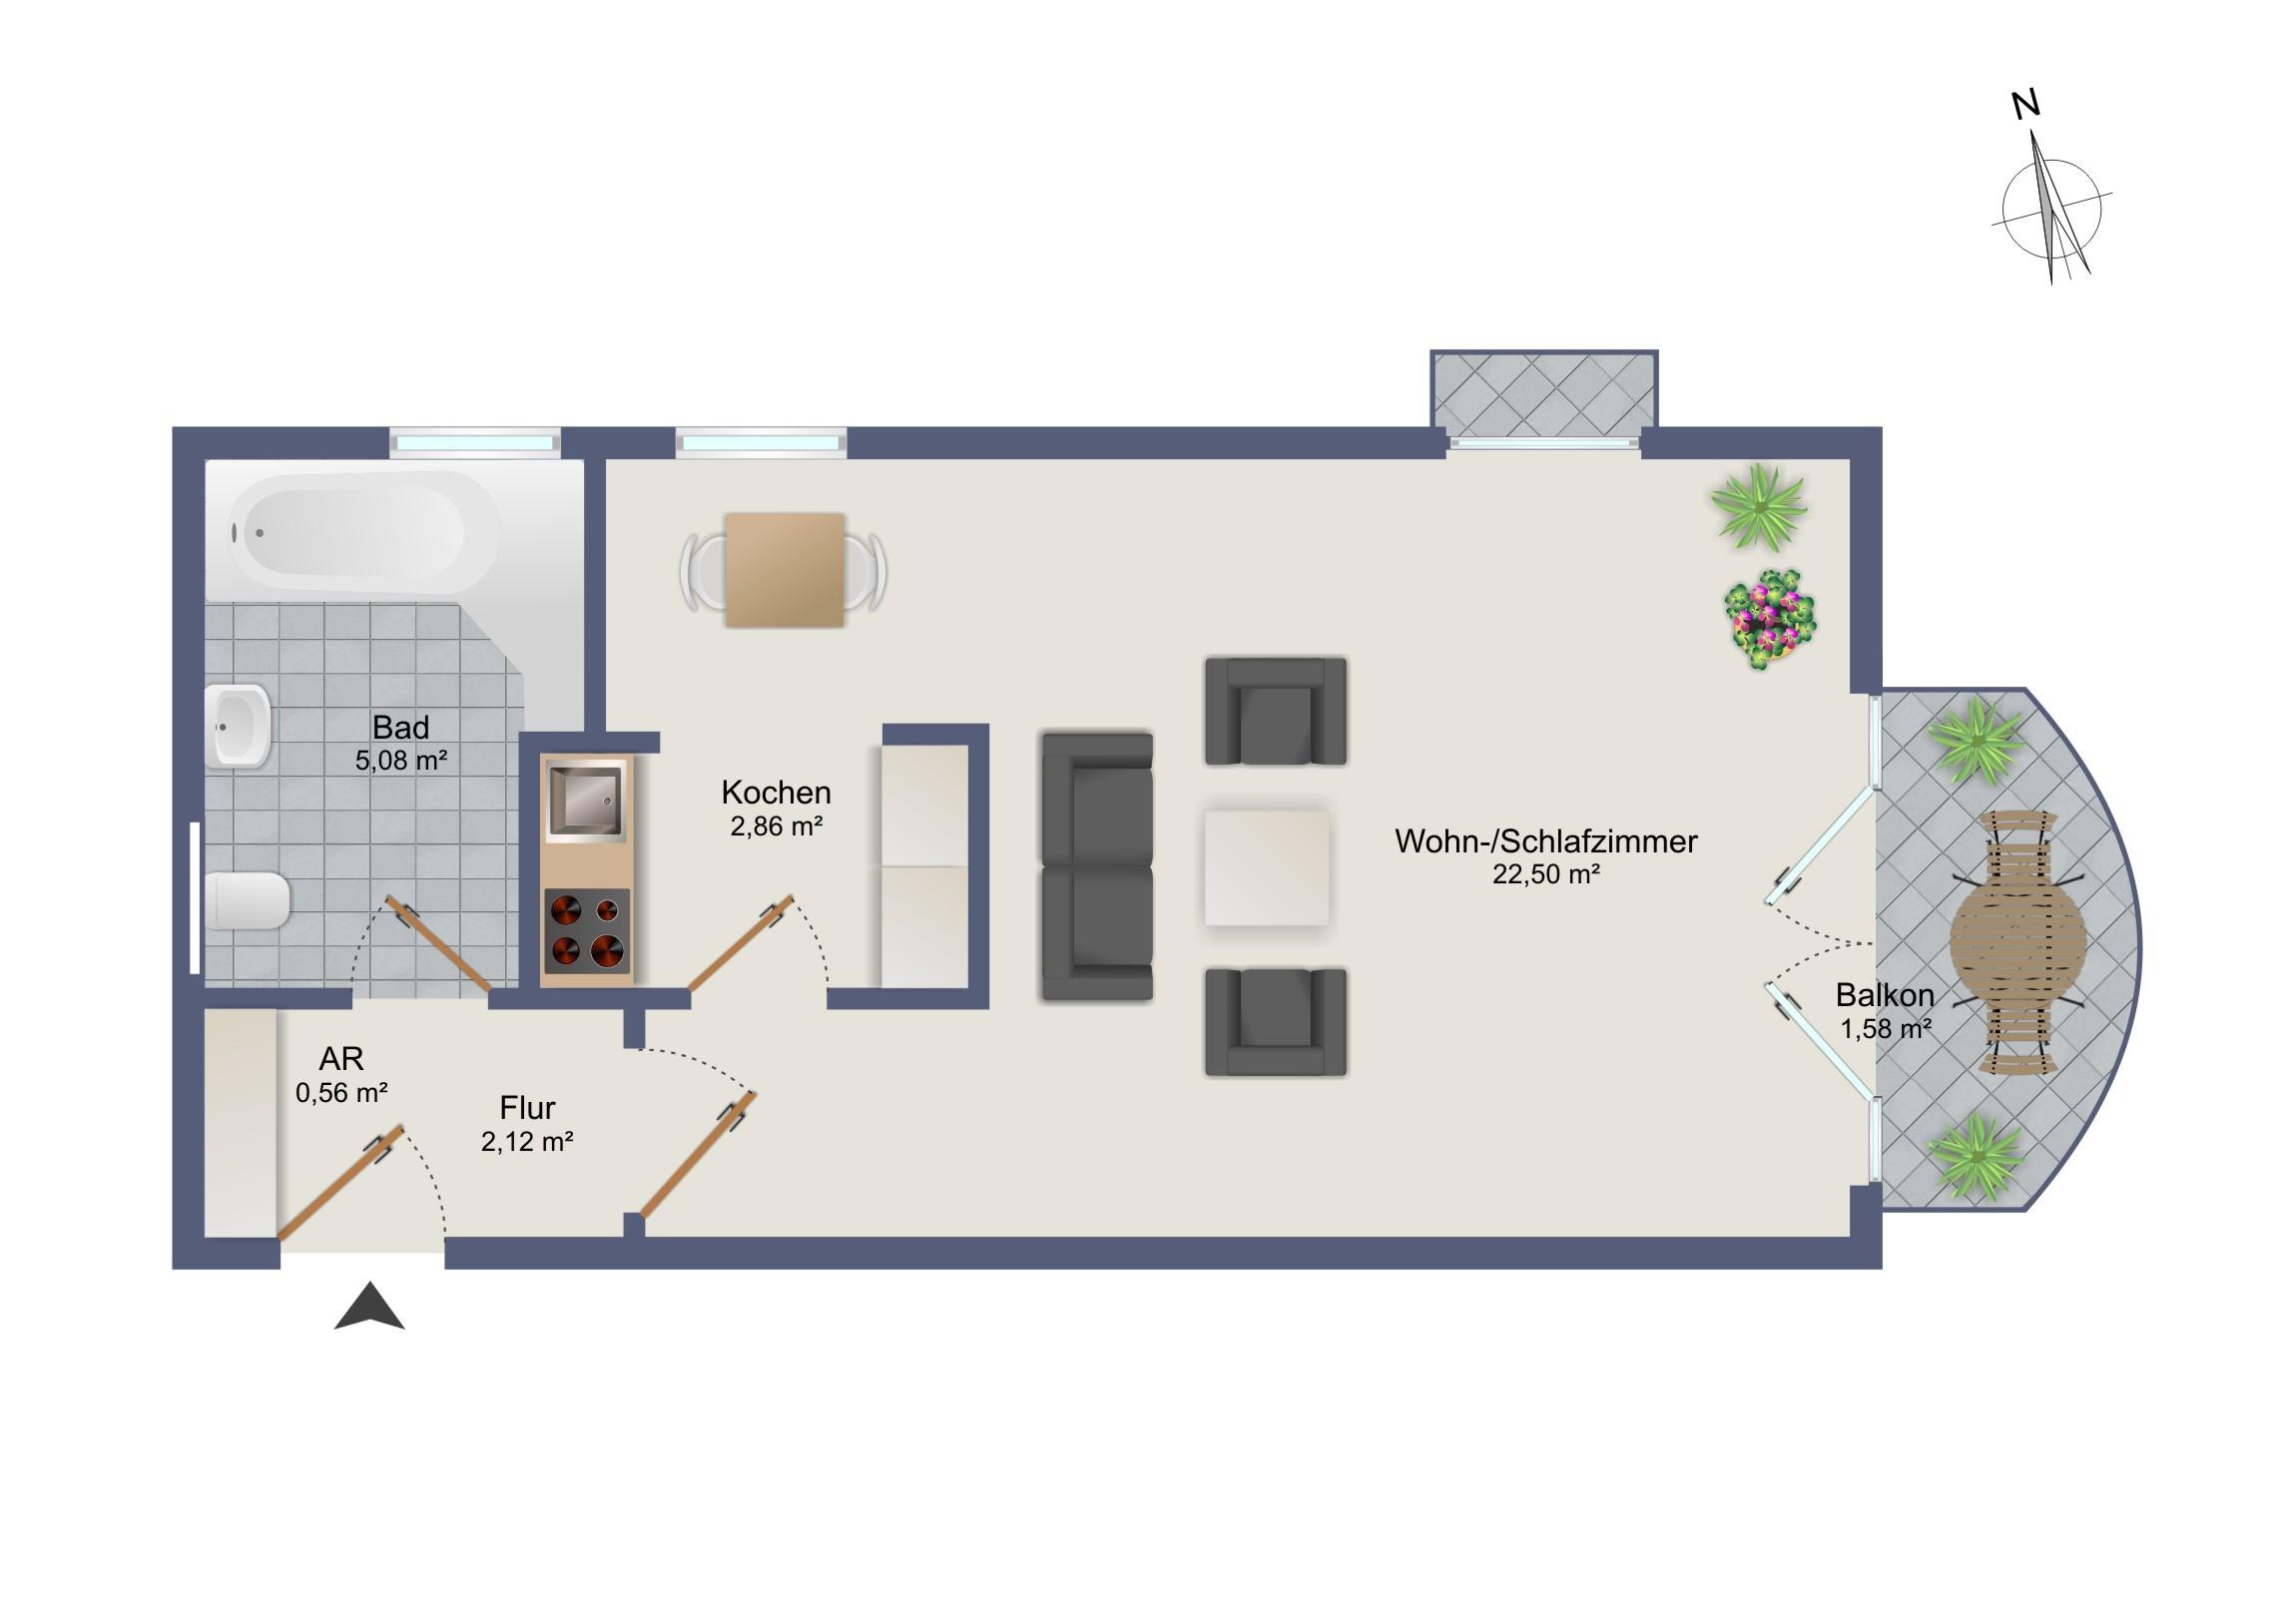 1-Zimmer Appartement am Laimer Platz – M